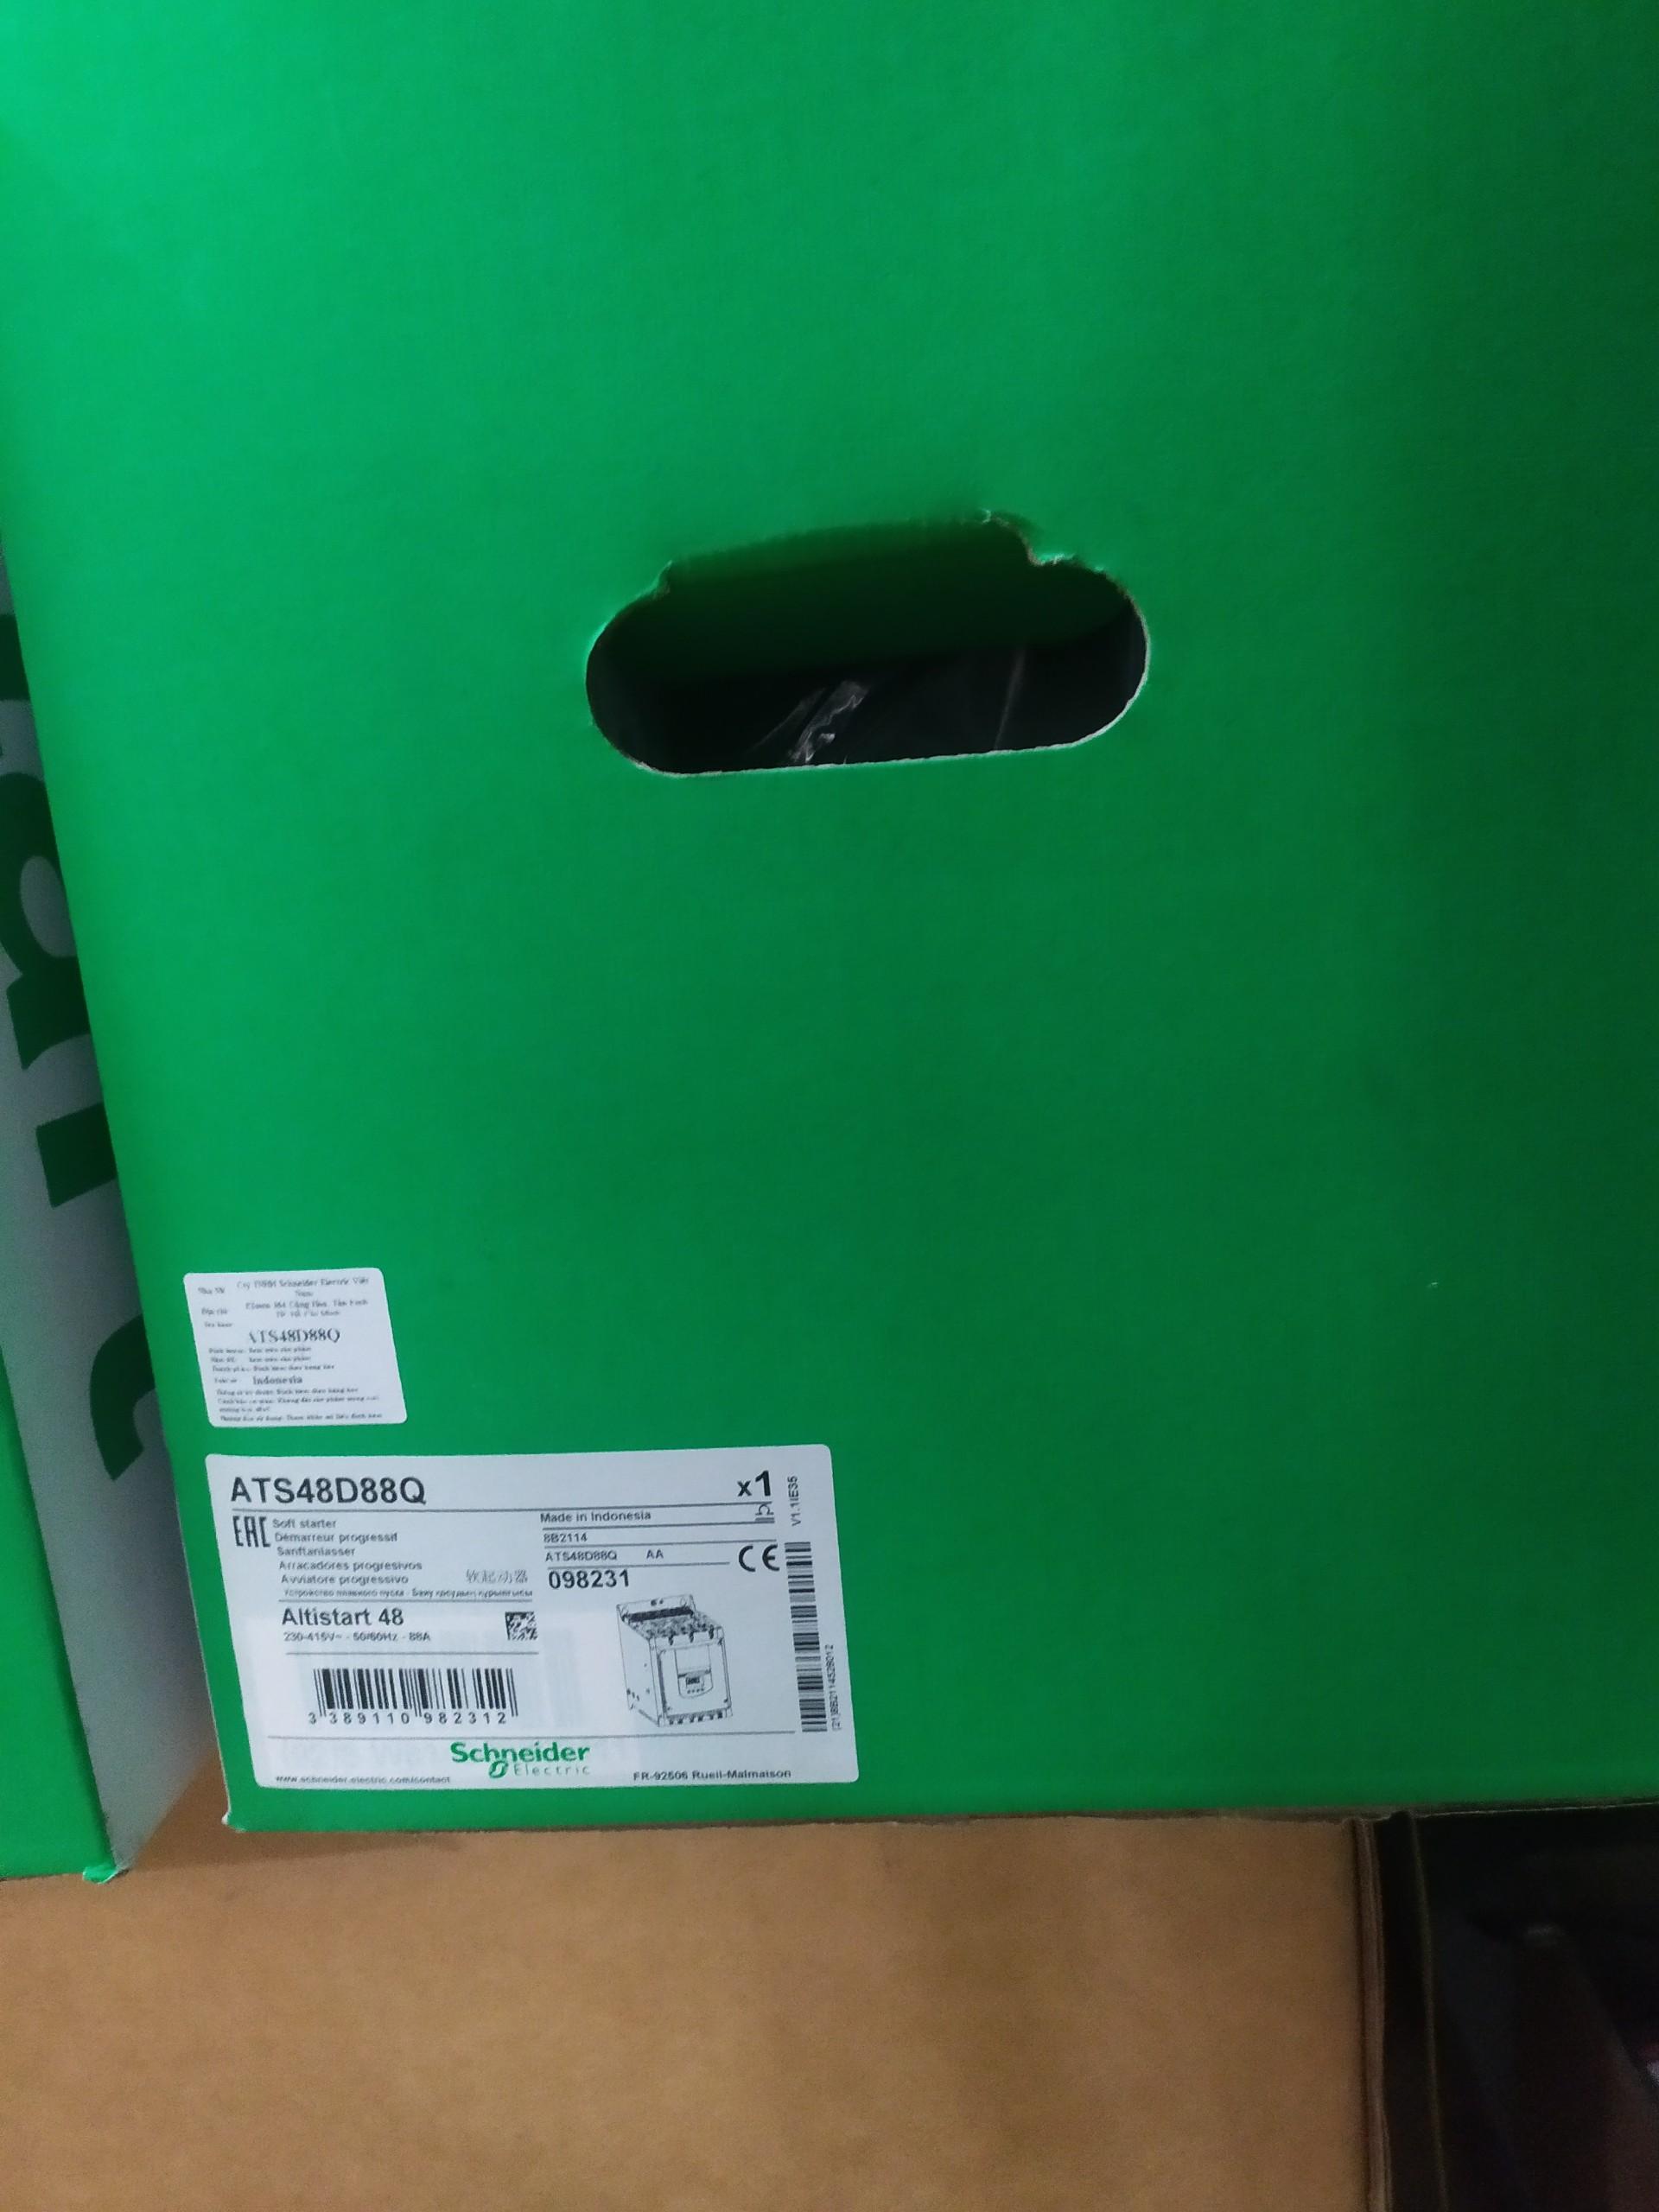 Khởi động mềm ATS48D88Q 45kW 400VAC Schneider